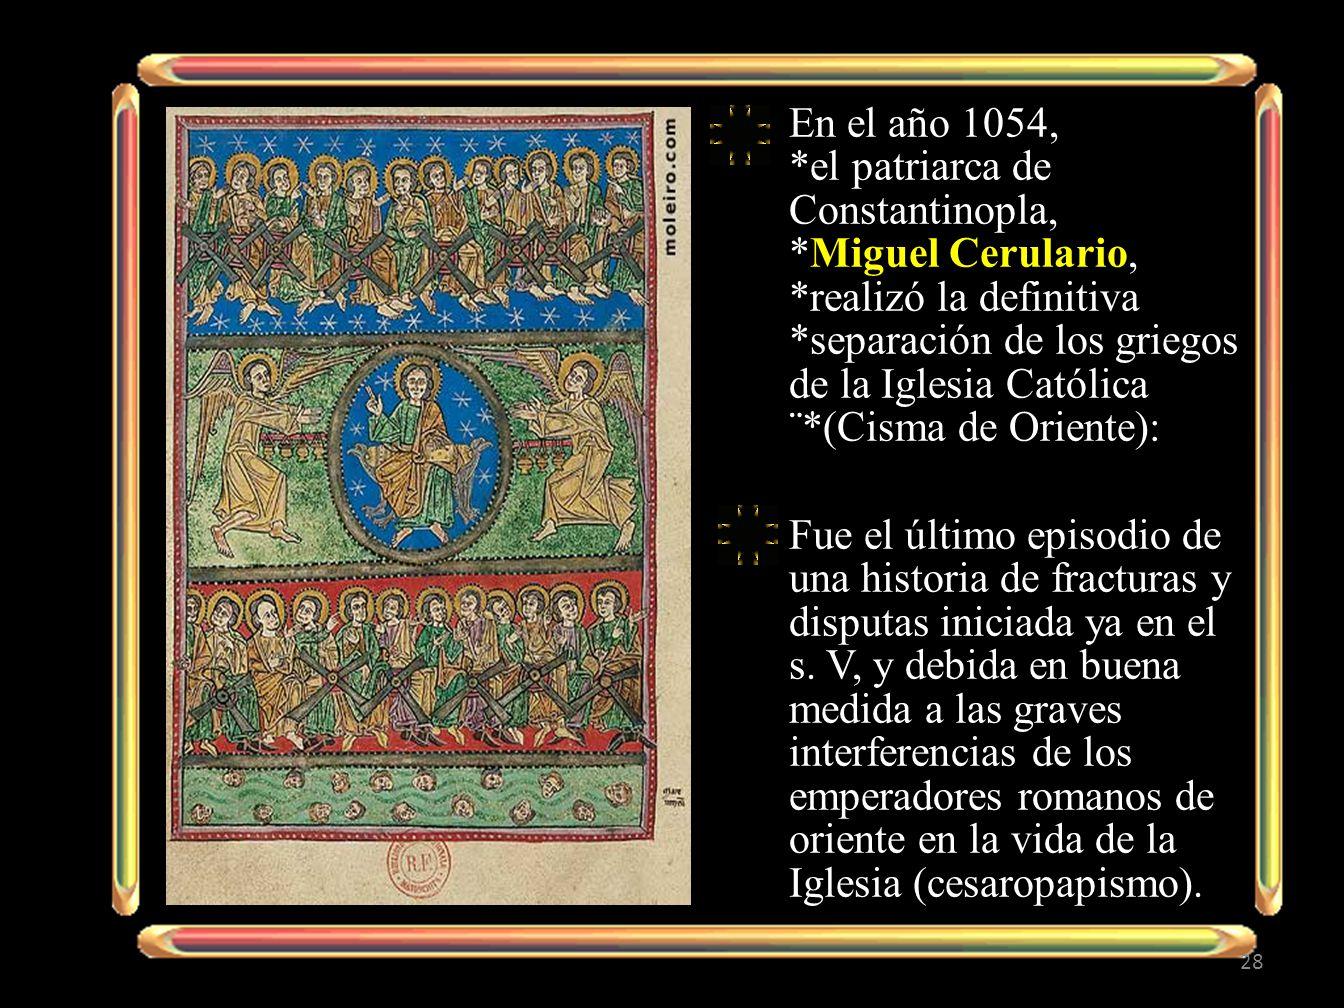 En el año 1054, *el patriarca de Constantinopla, *Miguel Cerulario, *realizó la definitiva *separación de los griegos de la Iglesia Católica ¨*(Cisma